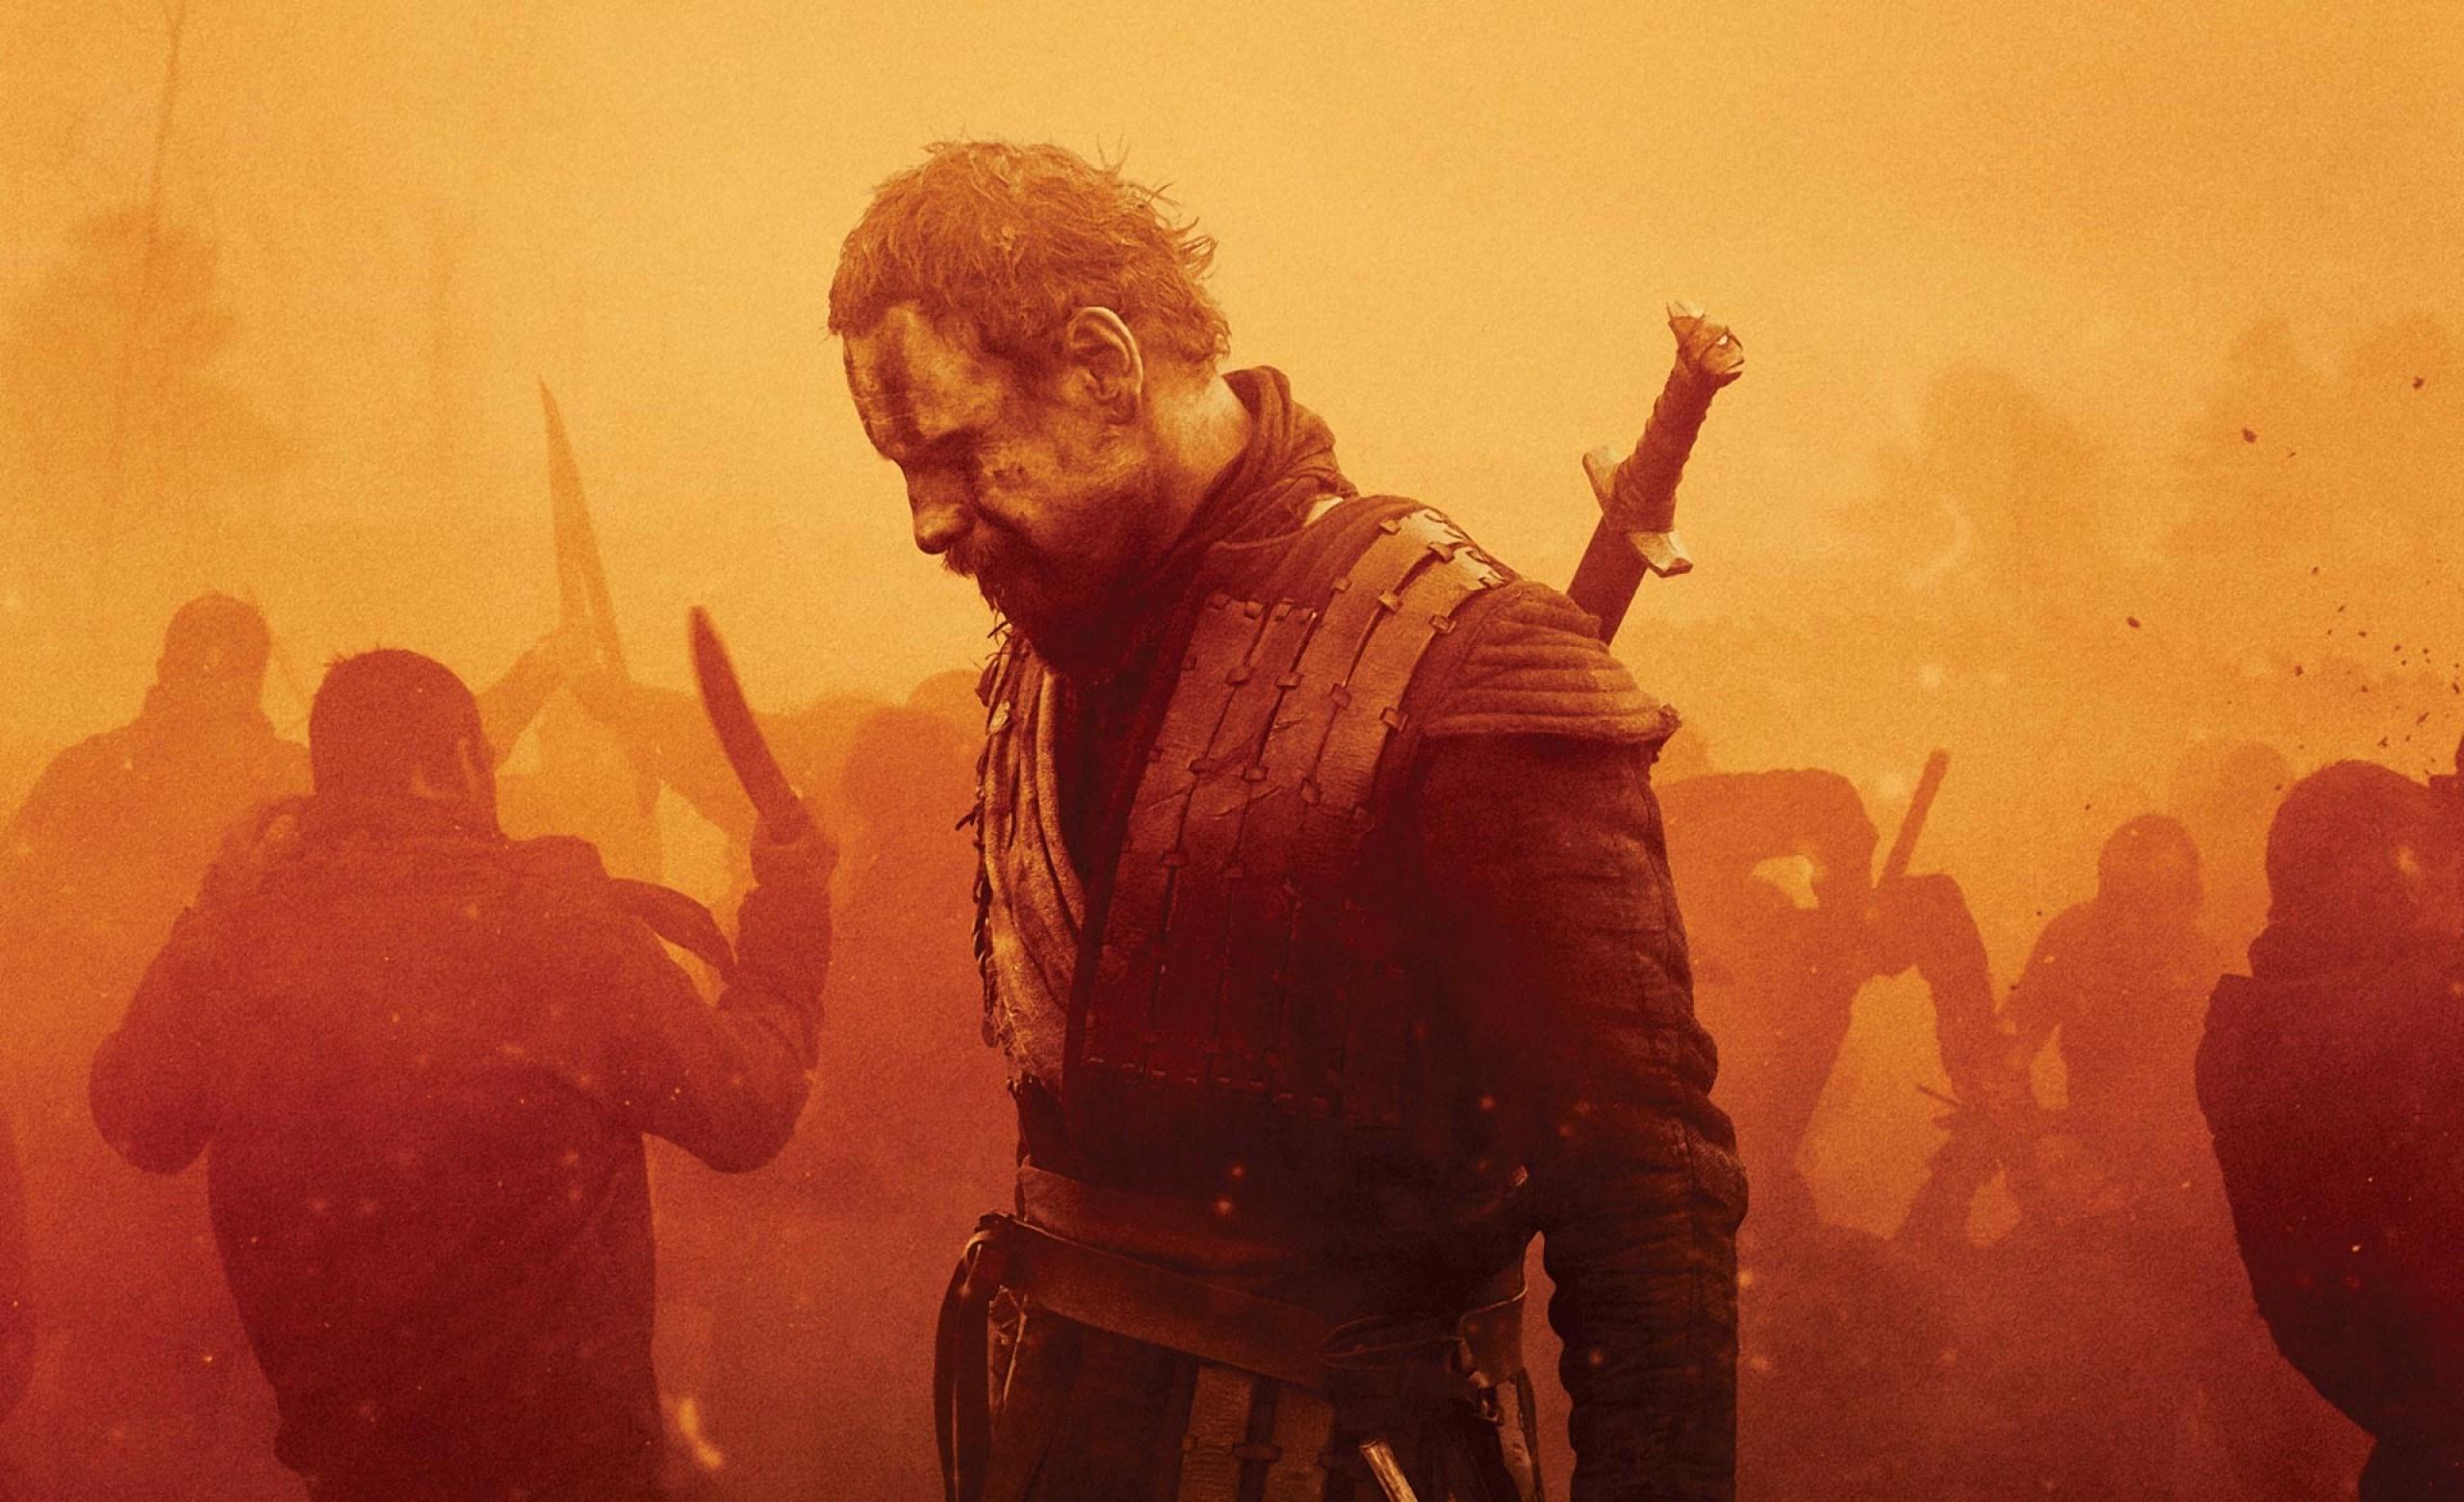 Macbeth. Orrore, follia e potere